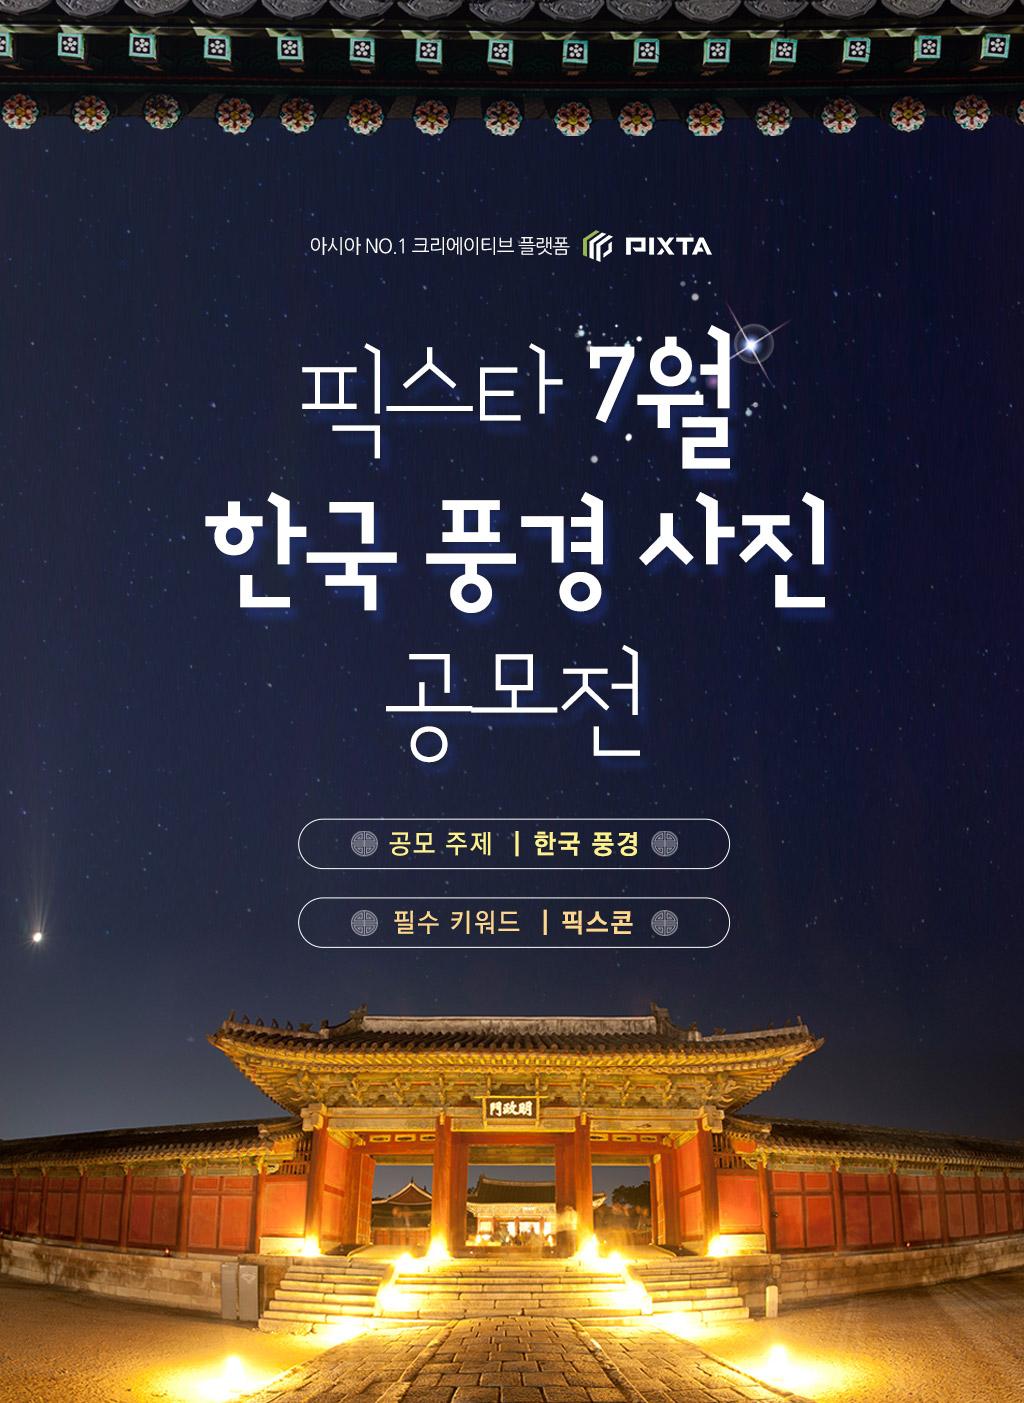 픽스타 7월 한국 풍경 사진 공모전